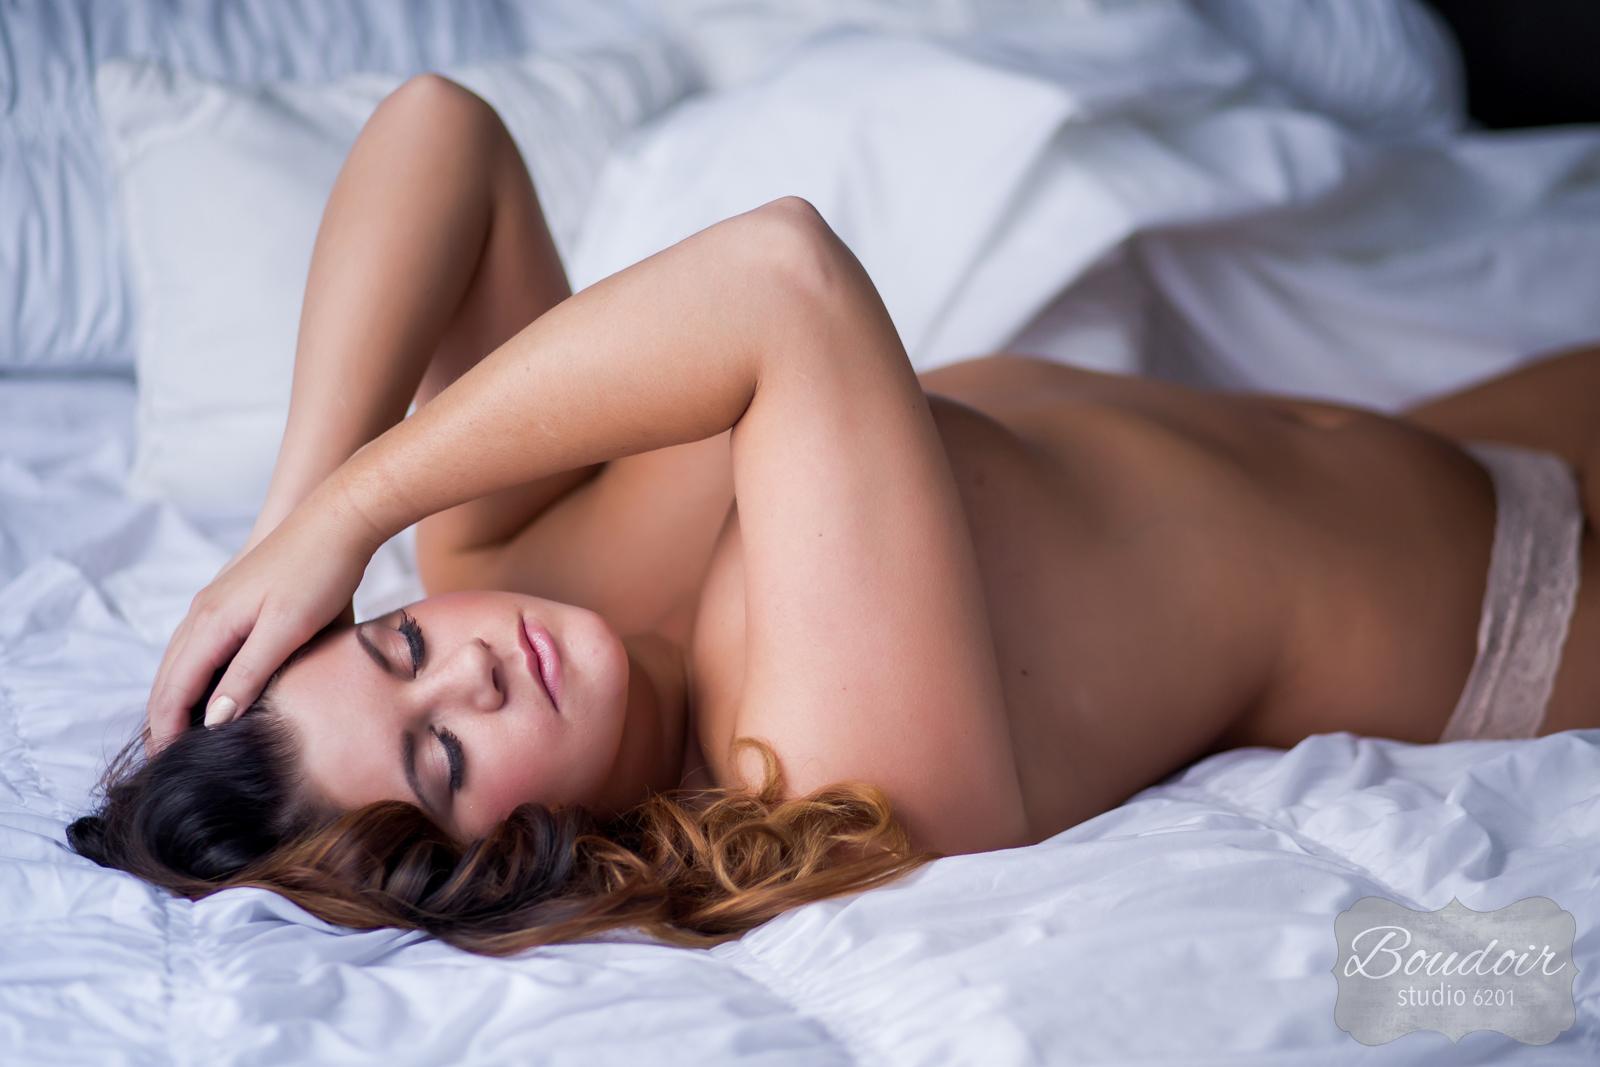 boudoir-studio-6201-tiffany-loveless-makeup-artistry013.jpg